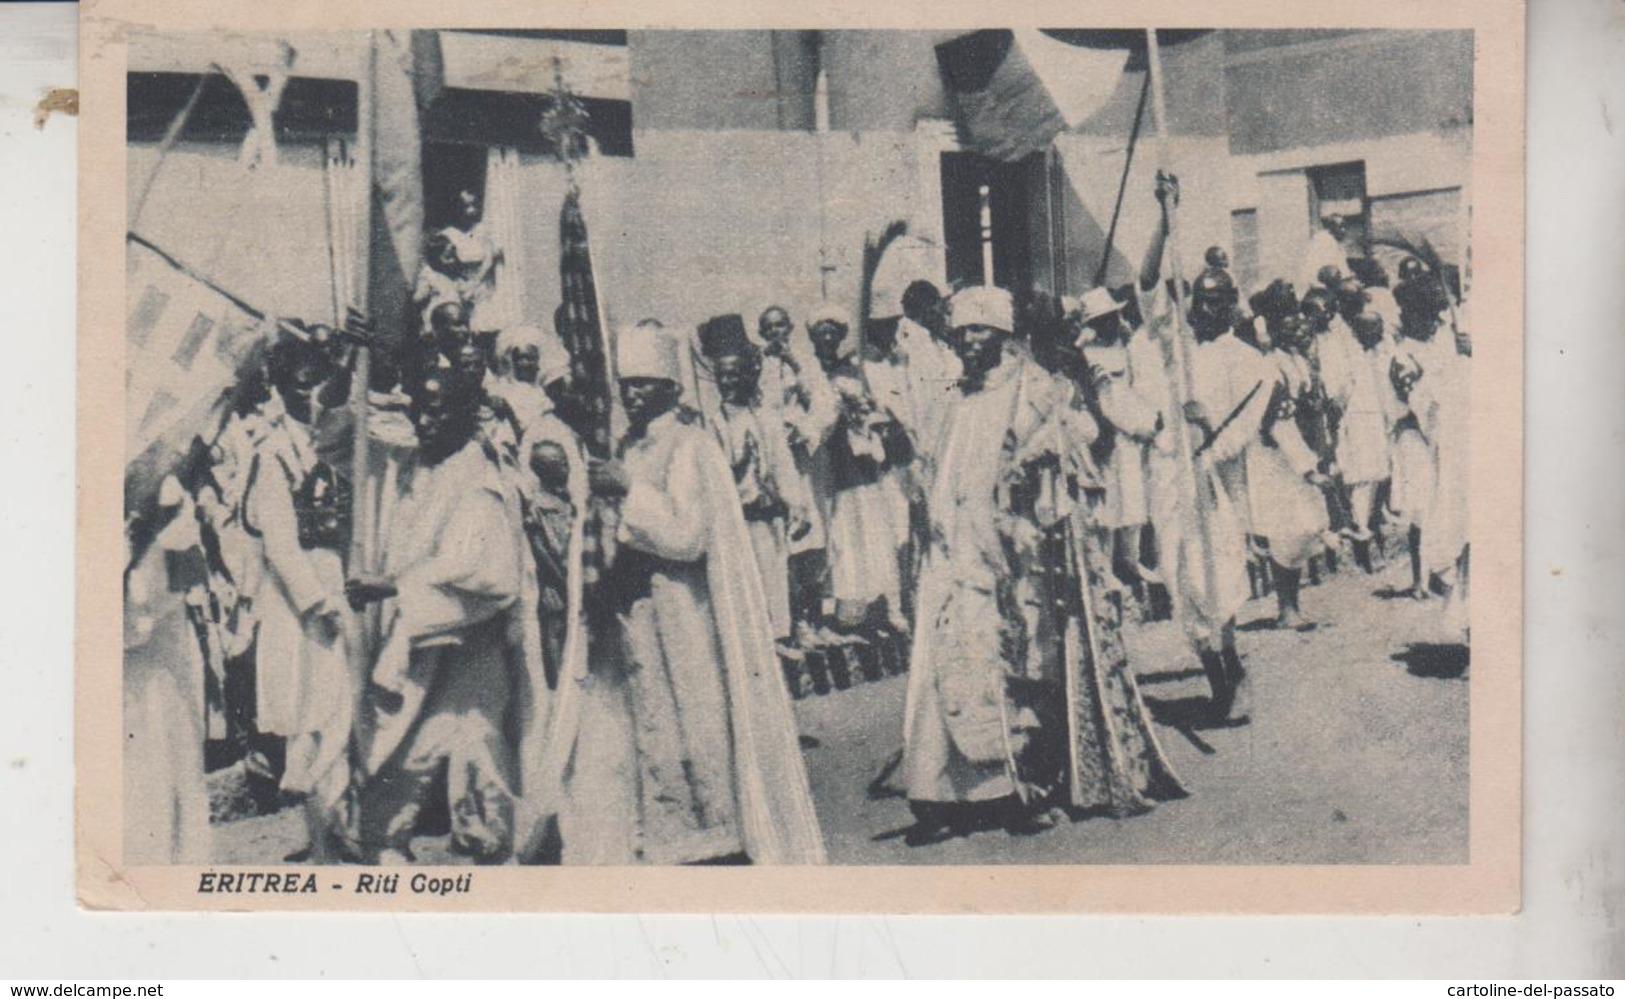 Eritrea Riti Copti Francobollo Stamp - Eritrea